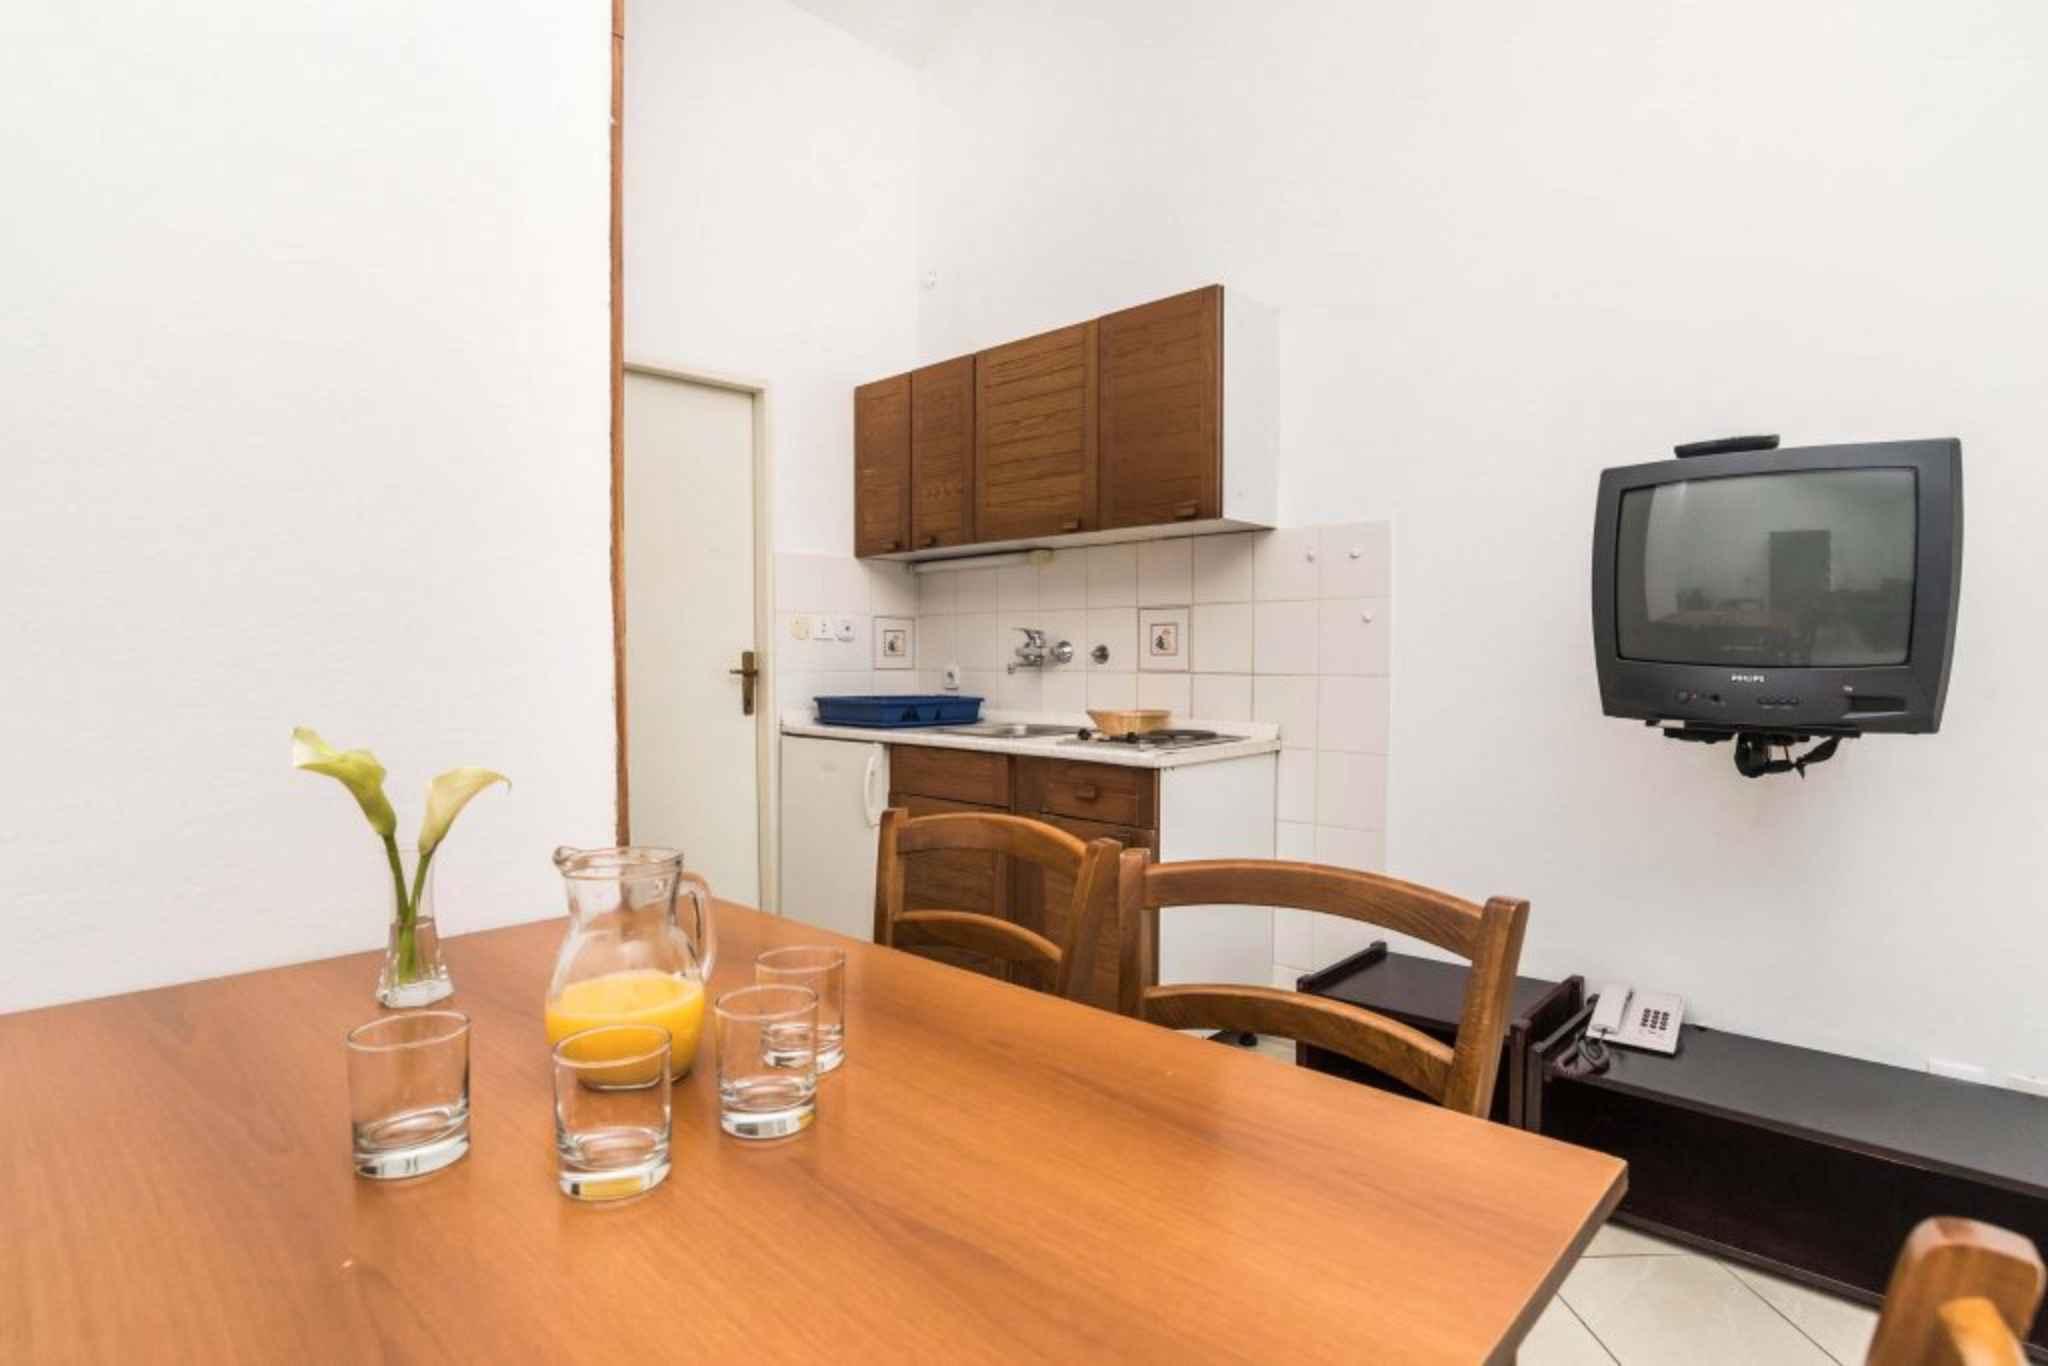 Ferienhaus Bungalow in der Ferienanlage Kanegra (281162), Umag, , Istrien, Kroatien, Bild 9